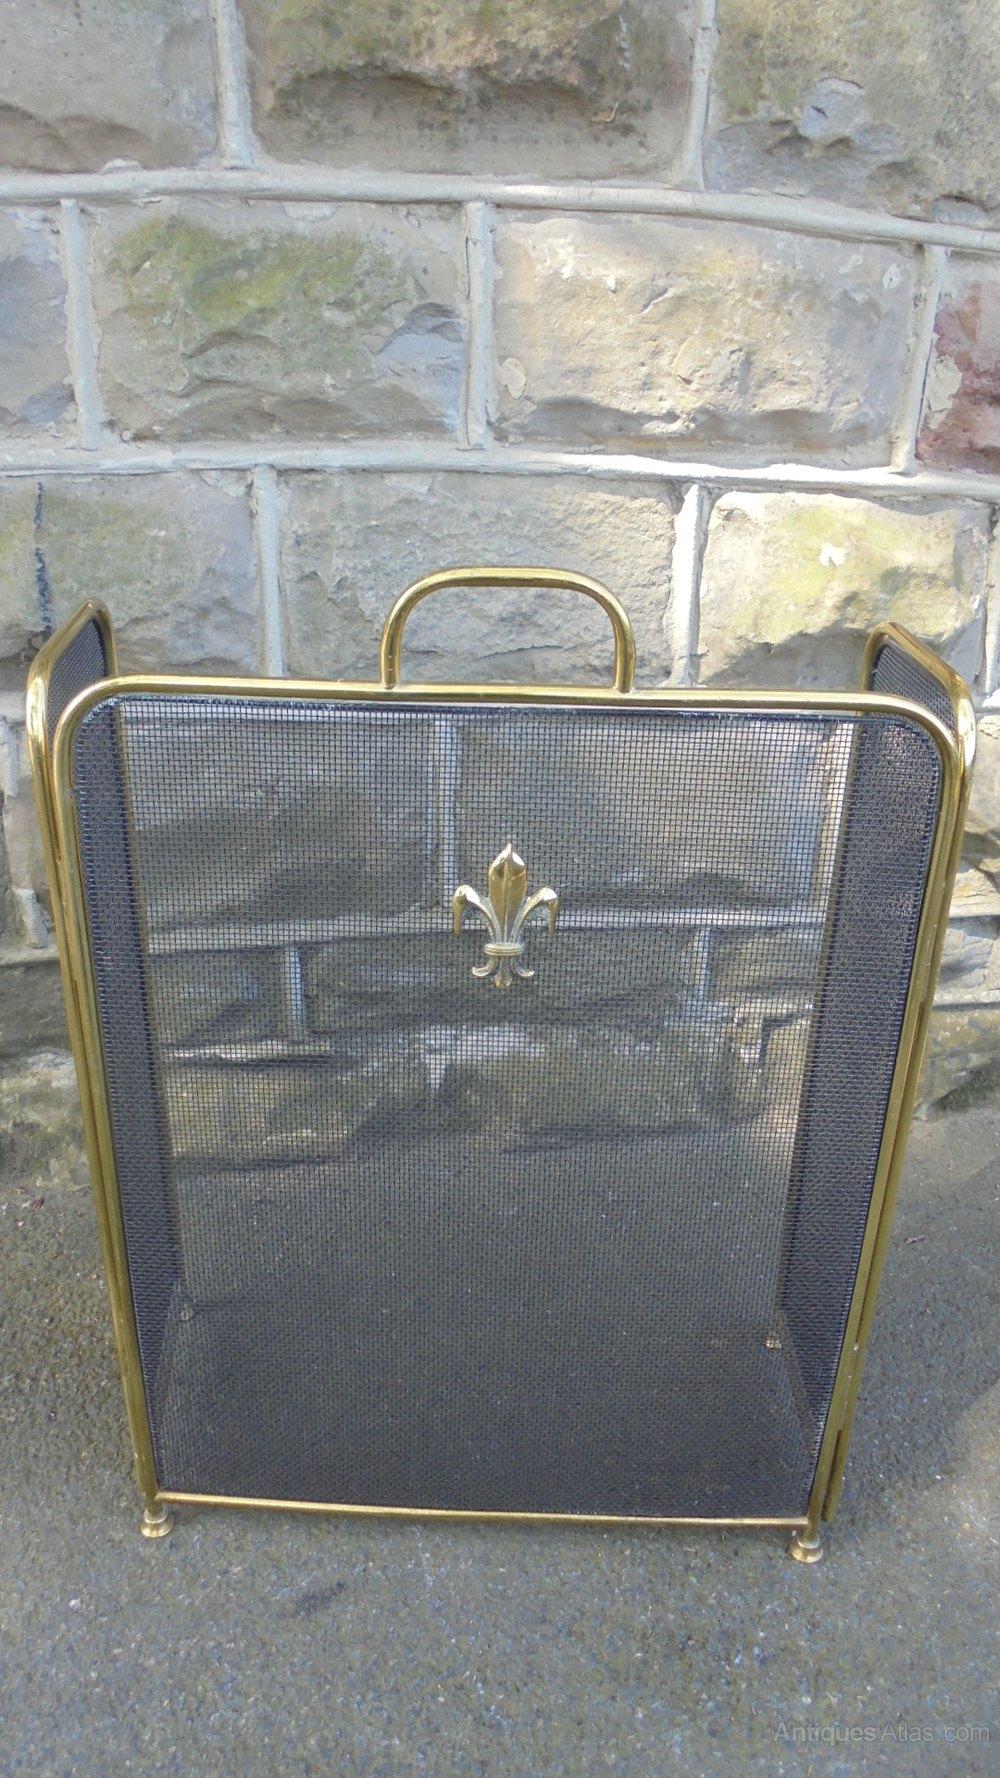 Antiqued Brass Fireplace Screen Elegant Antique Brass Folding Fire Screen Guard